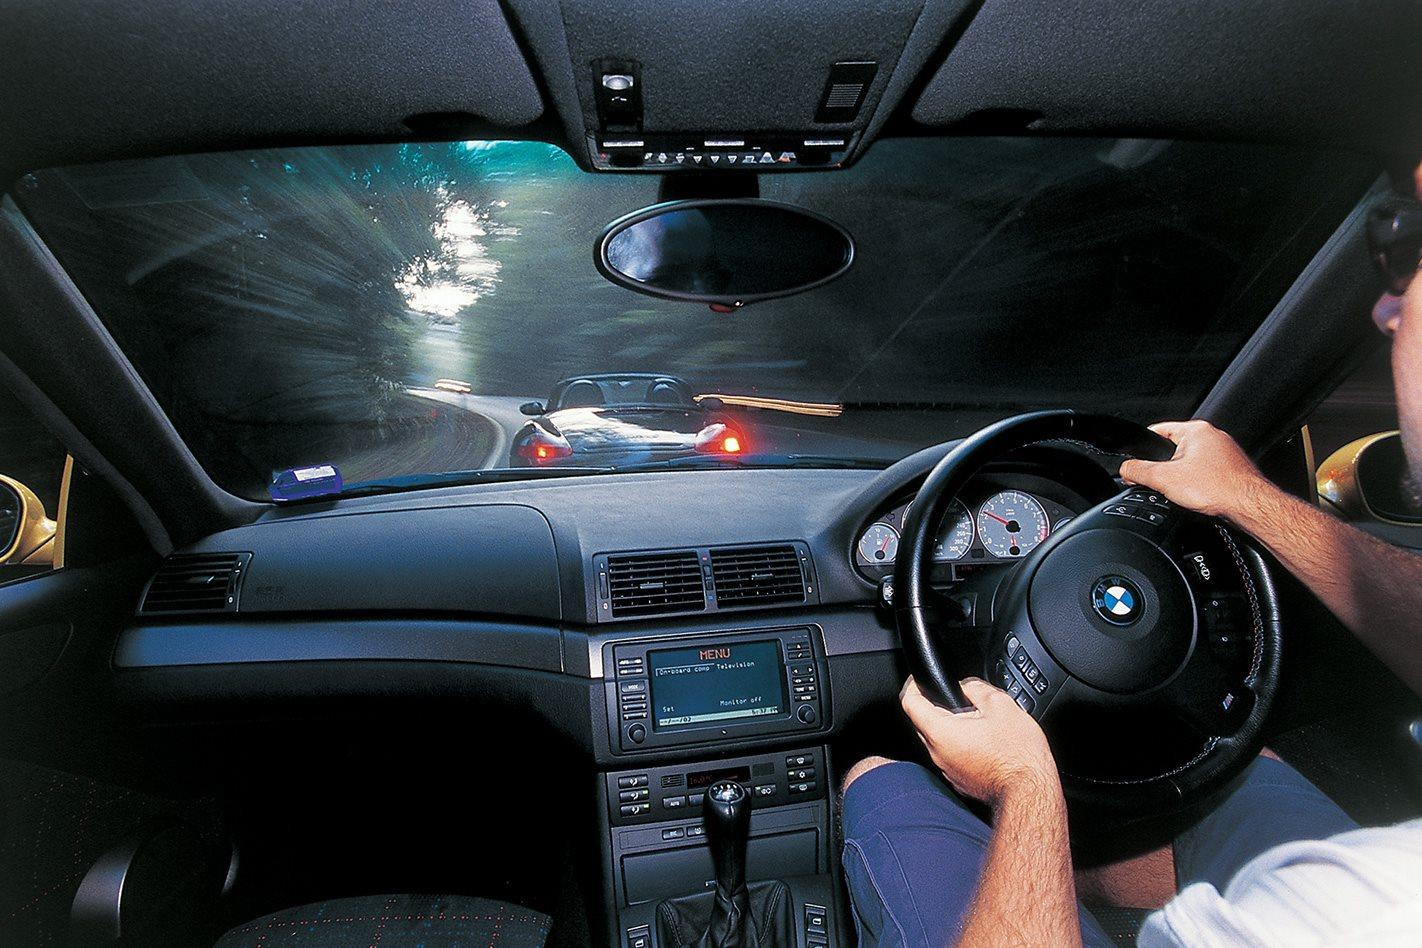 2003 BMW M3 steering